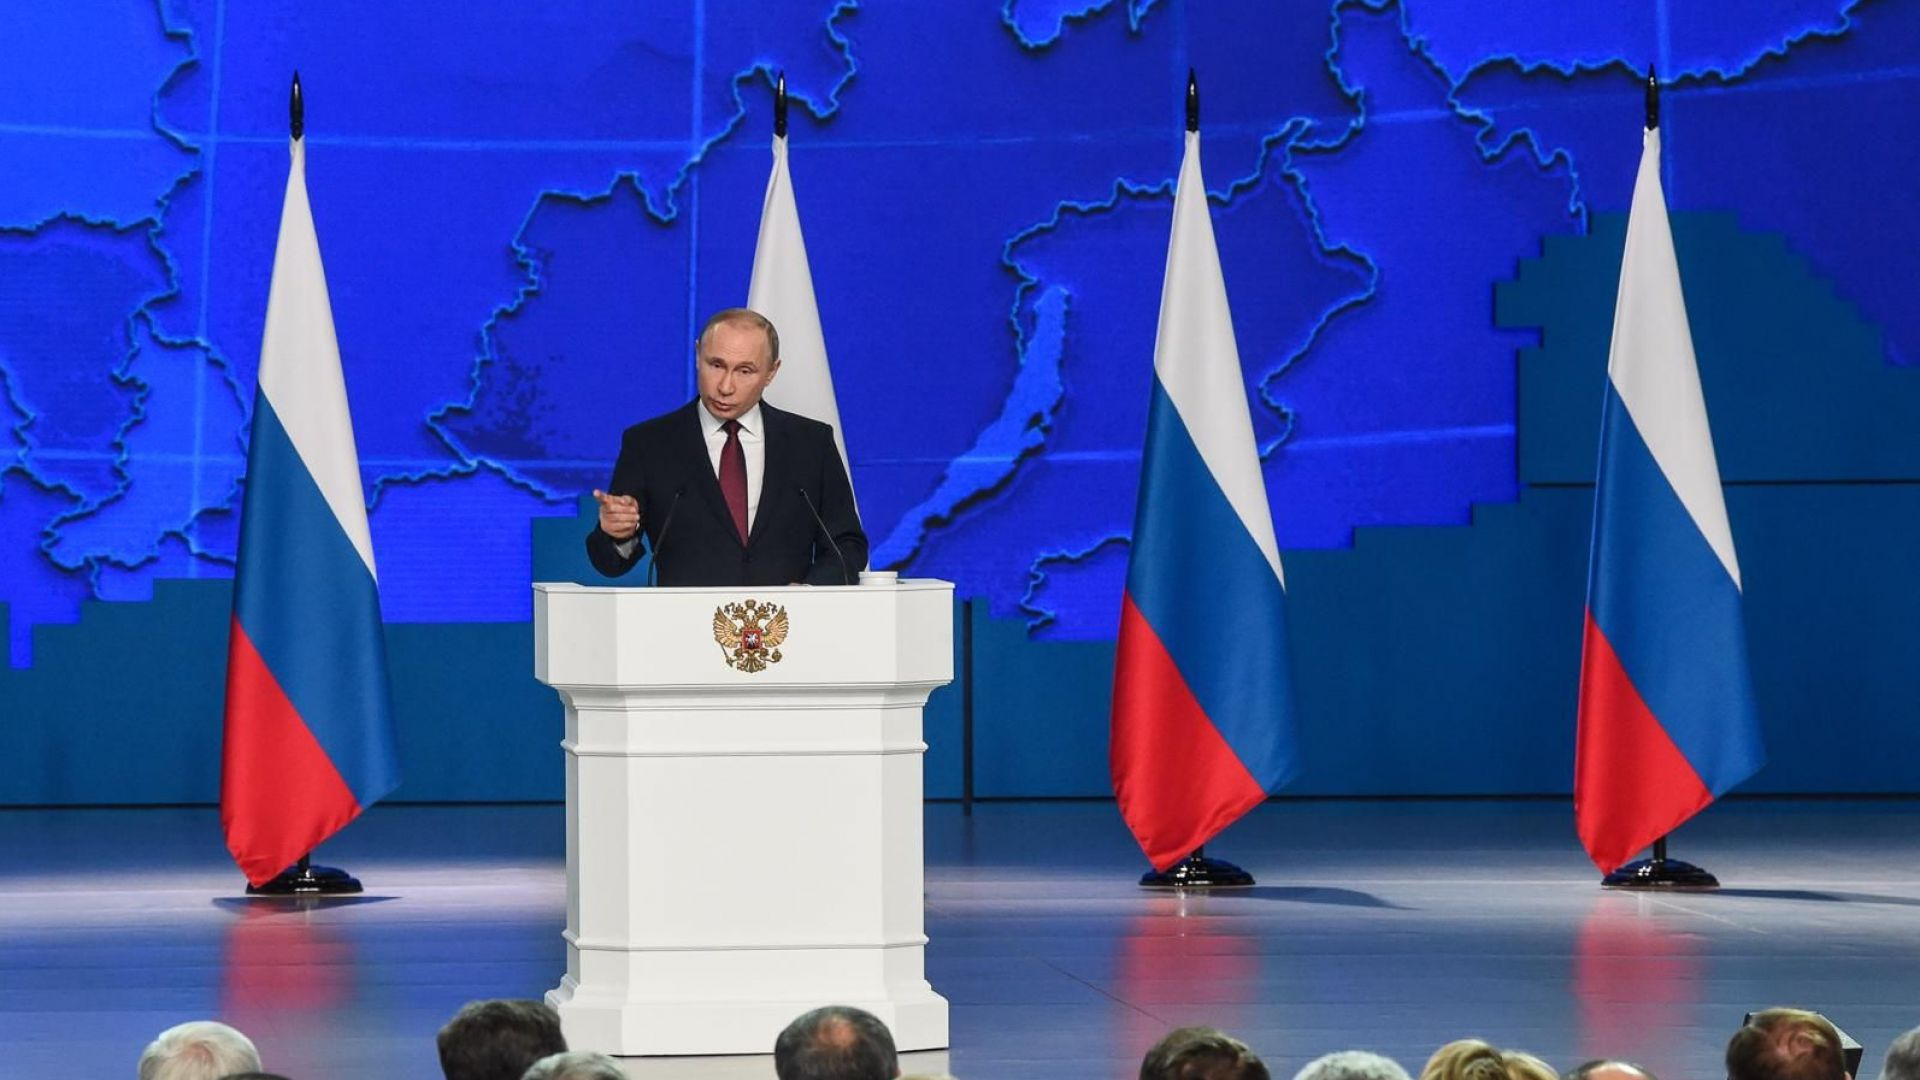 Снимка: Руски медии: Нов спад в доверието и интереса към Путин